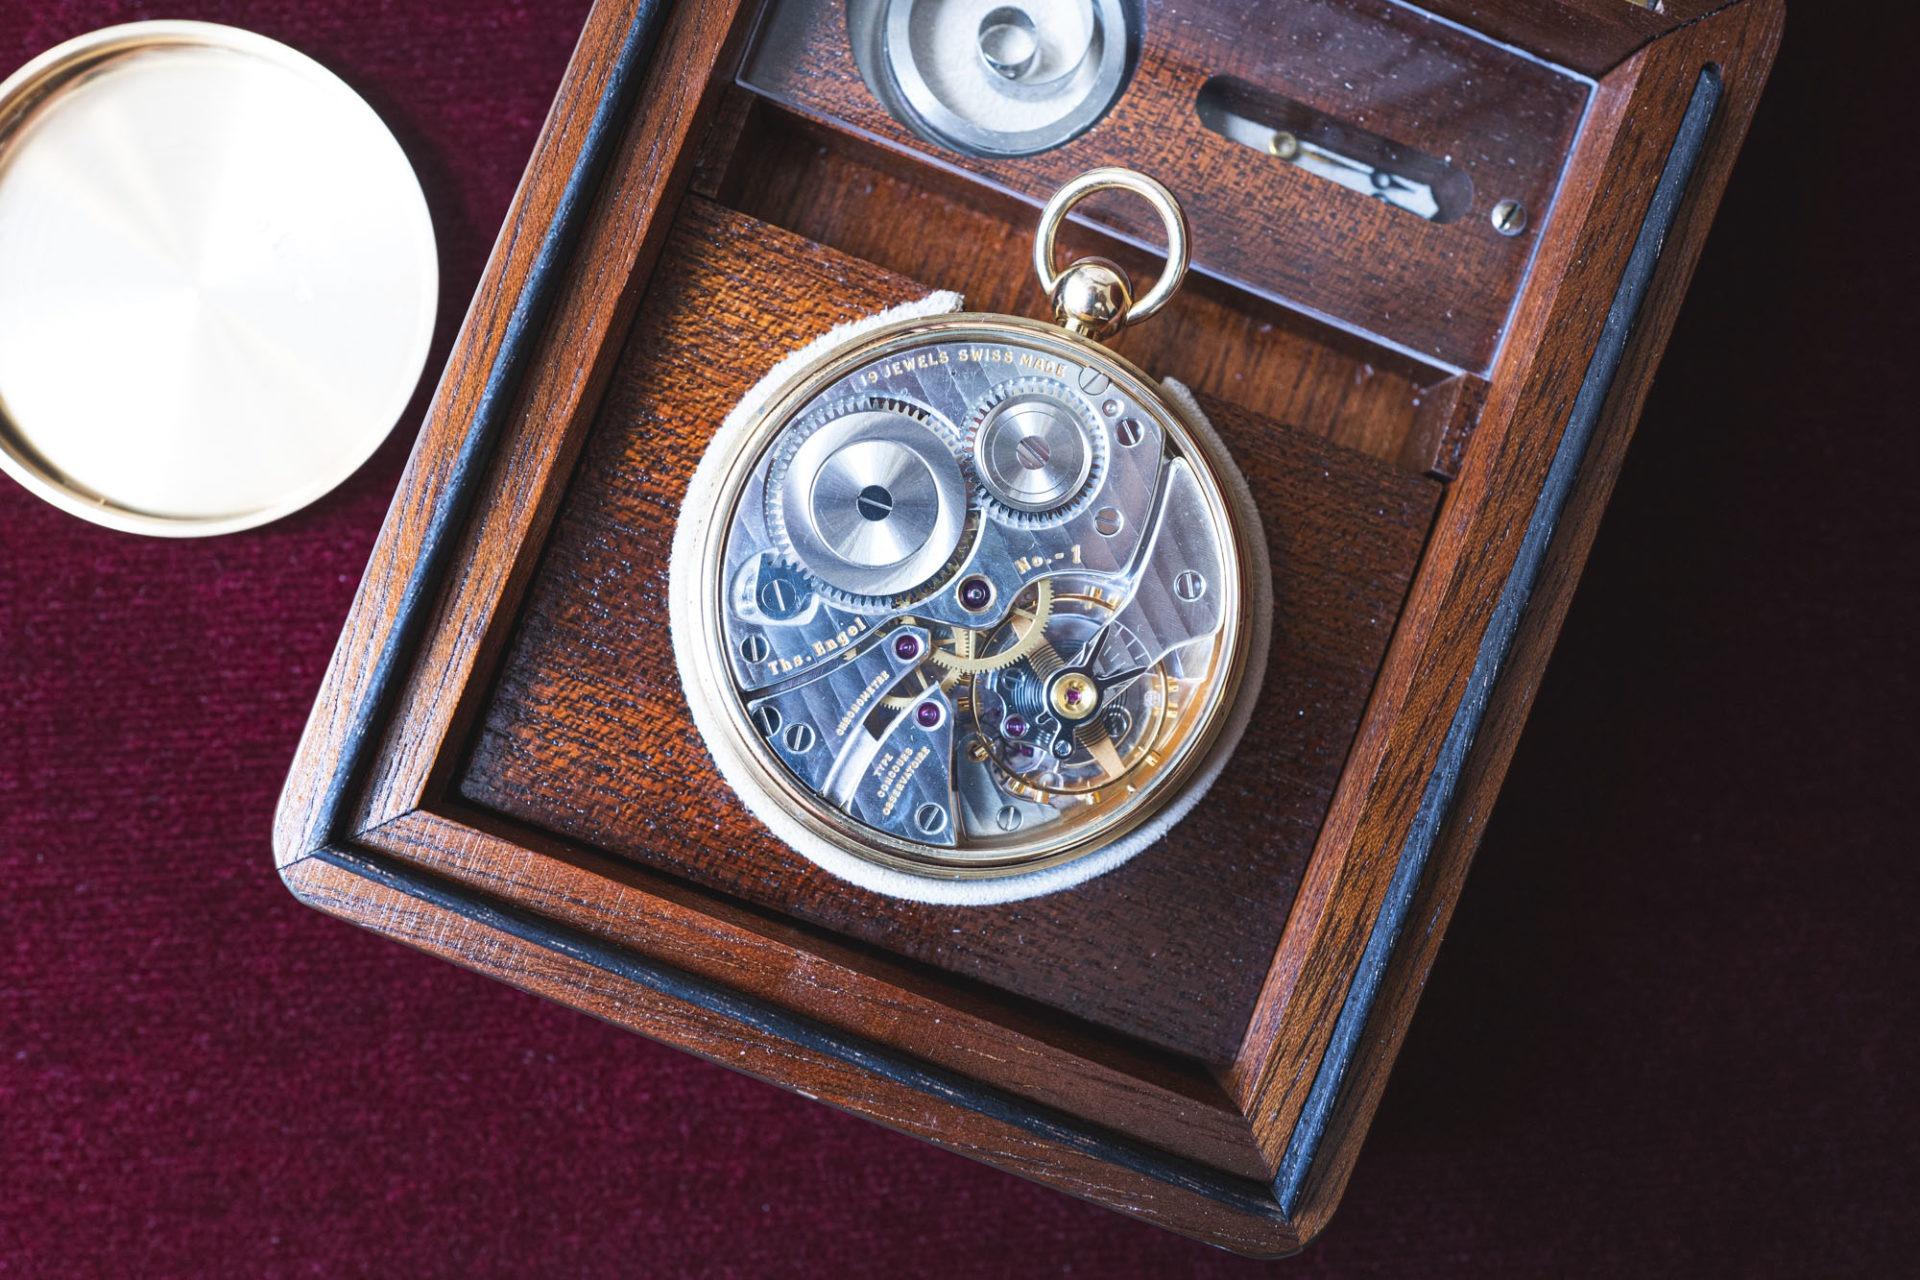 Chronomètre N°1 par Thomas Engel - Vente importante de montres de collection par Tajan le 2 juillet